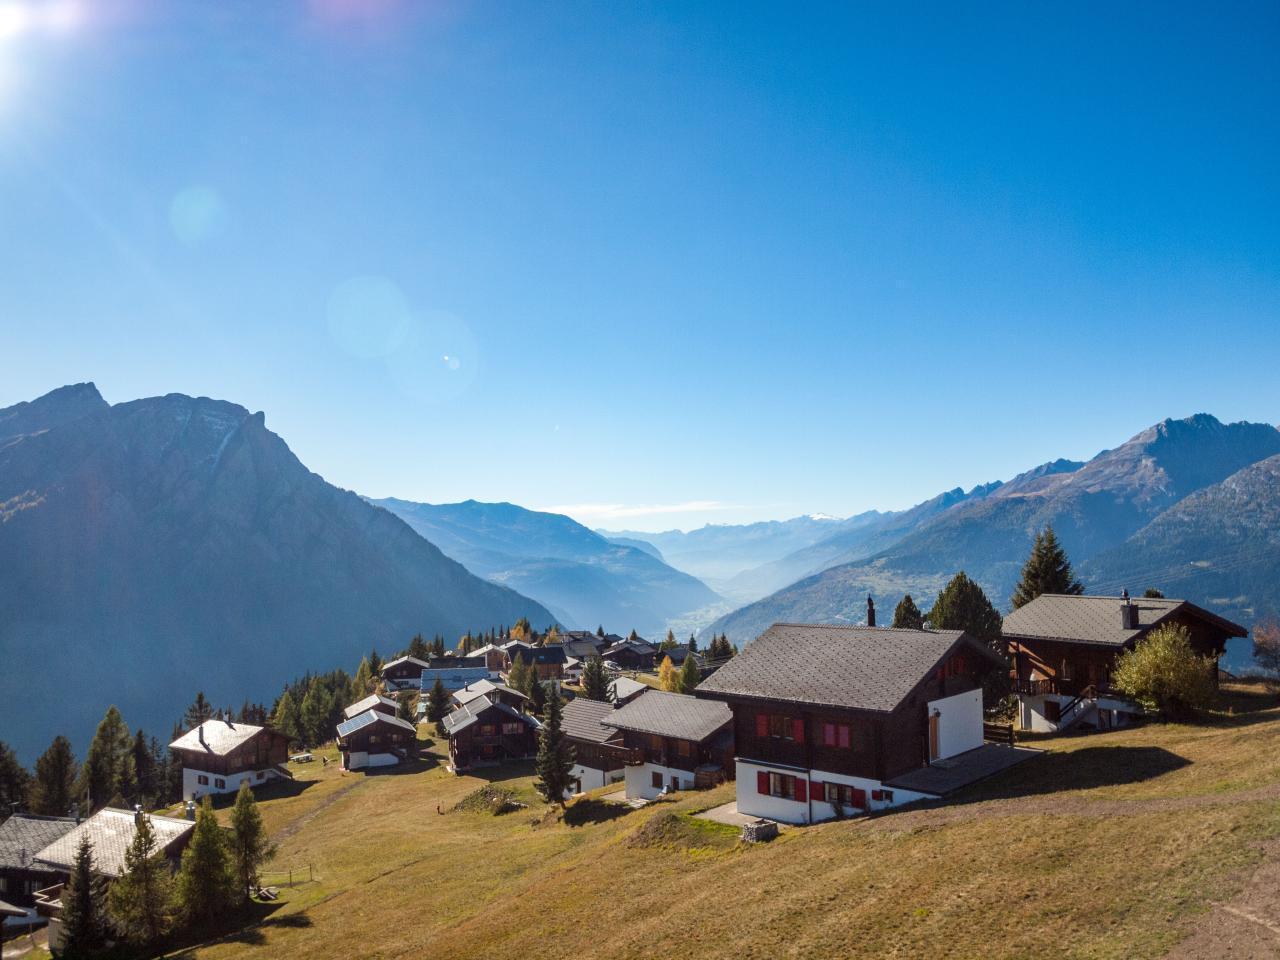 Ferienwohnung Chalet Bergkristall | moderne Ferienwohnung auf Rosswald im Wallis (2311756), Rosswald, Brig - Simplon, Wallis, Schweiz, Bild 8